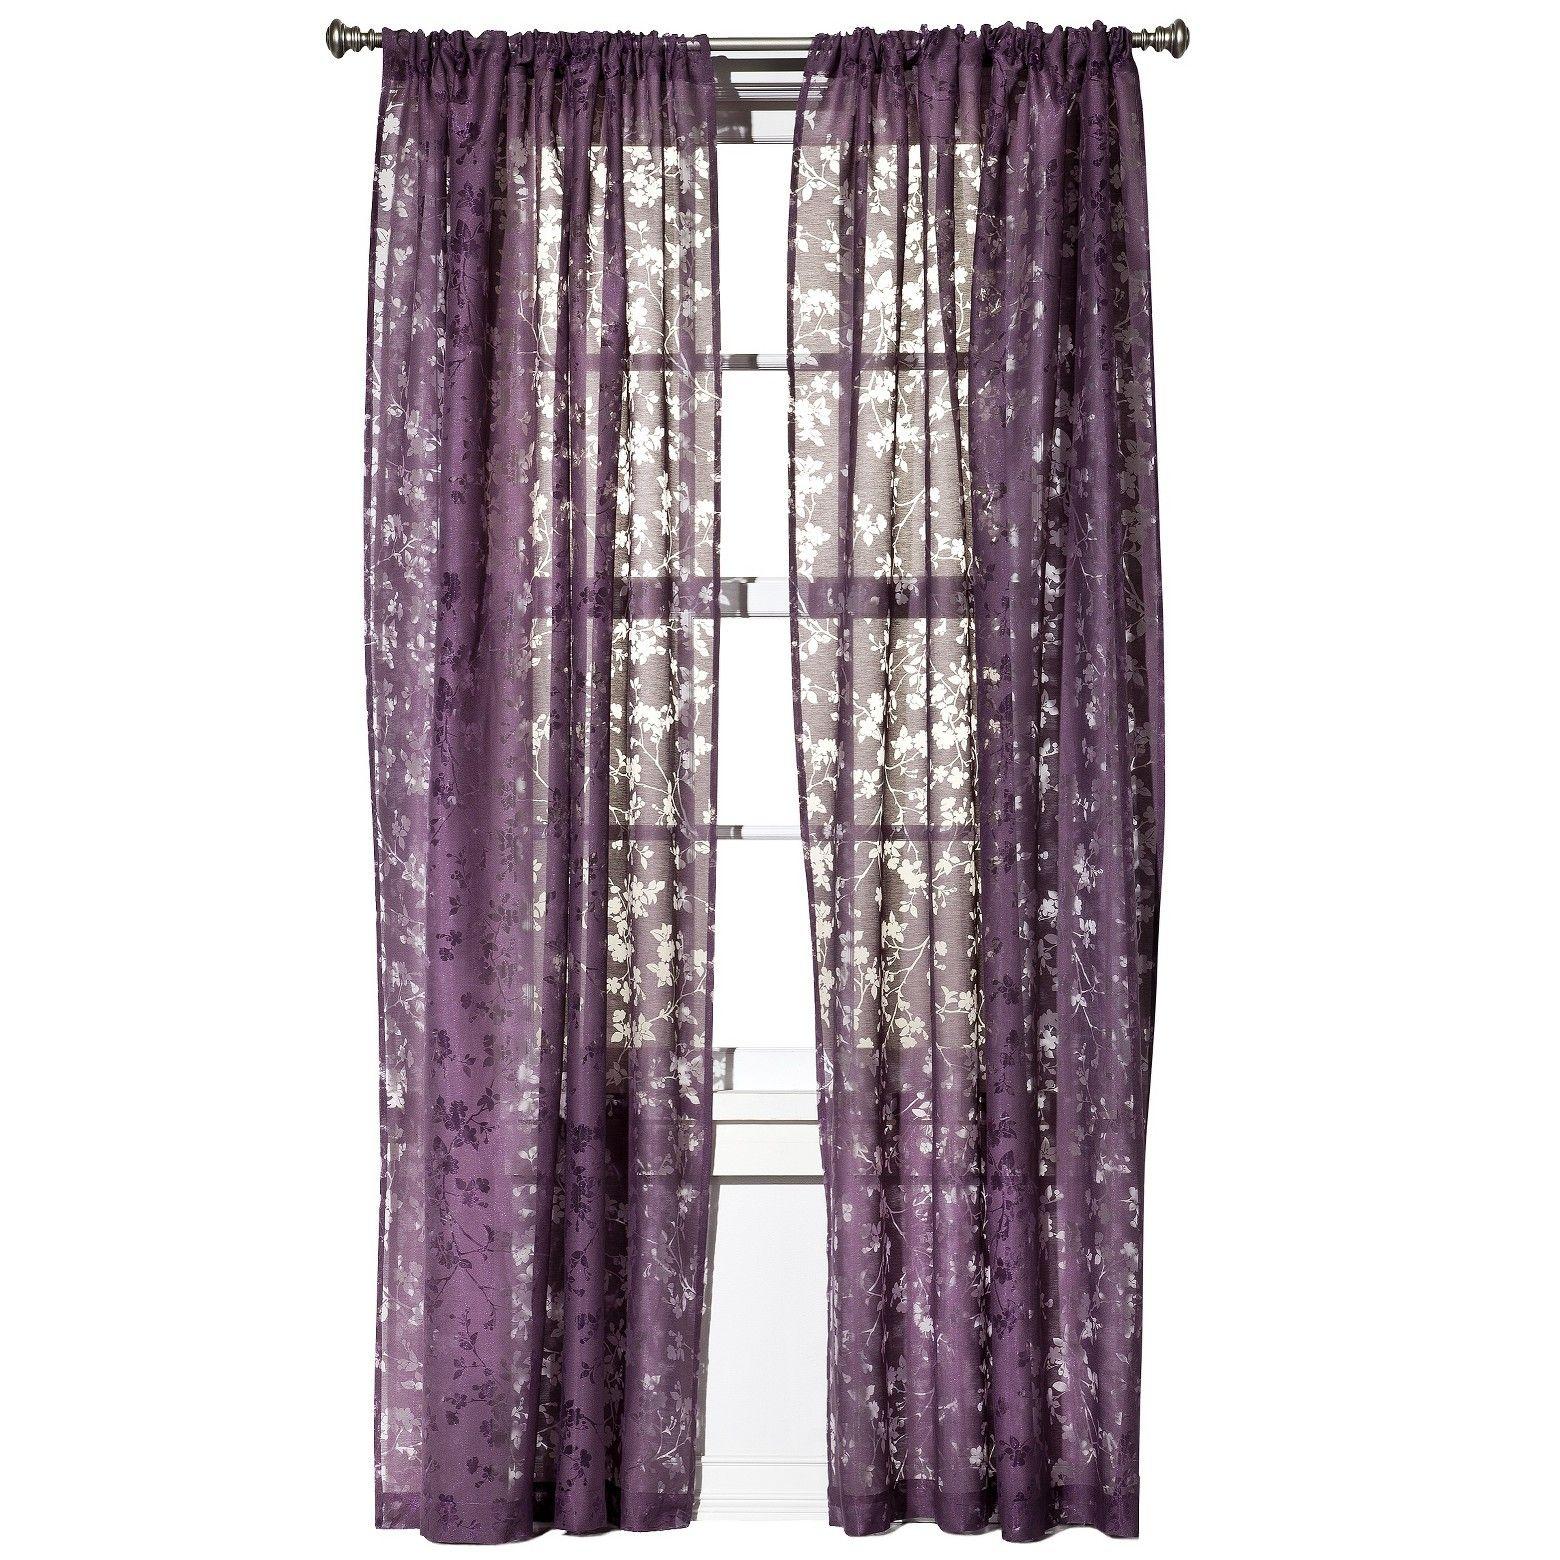 Botanical Burnout Sheer Curtain Panel